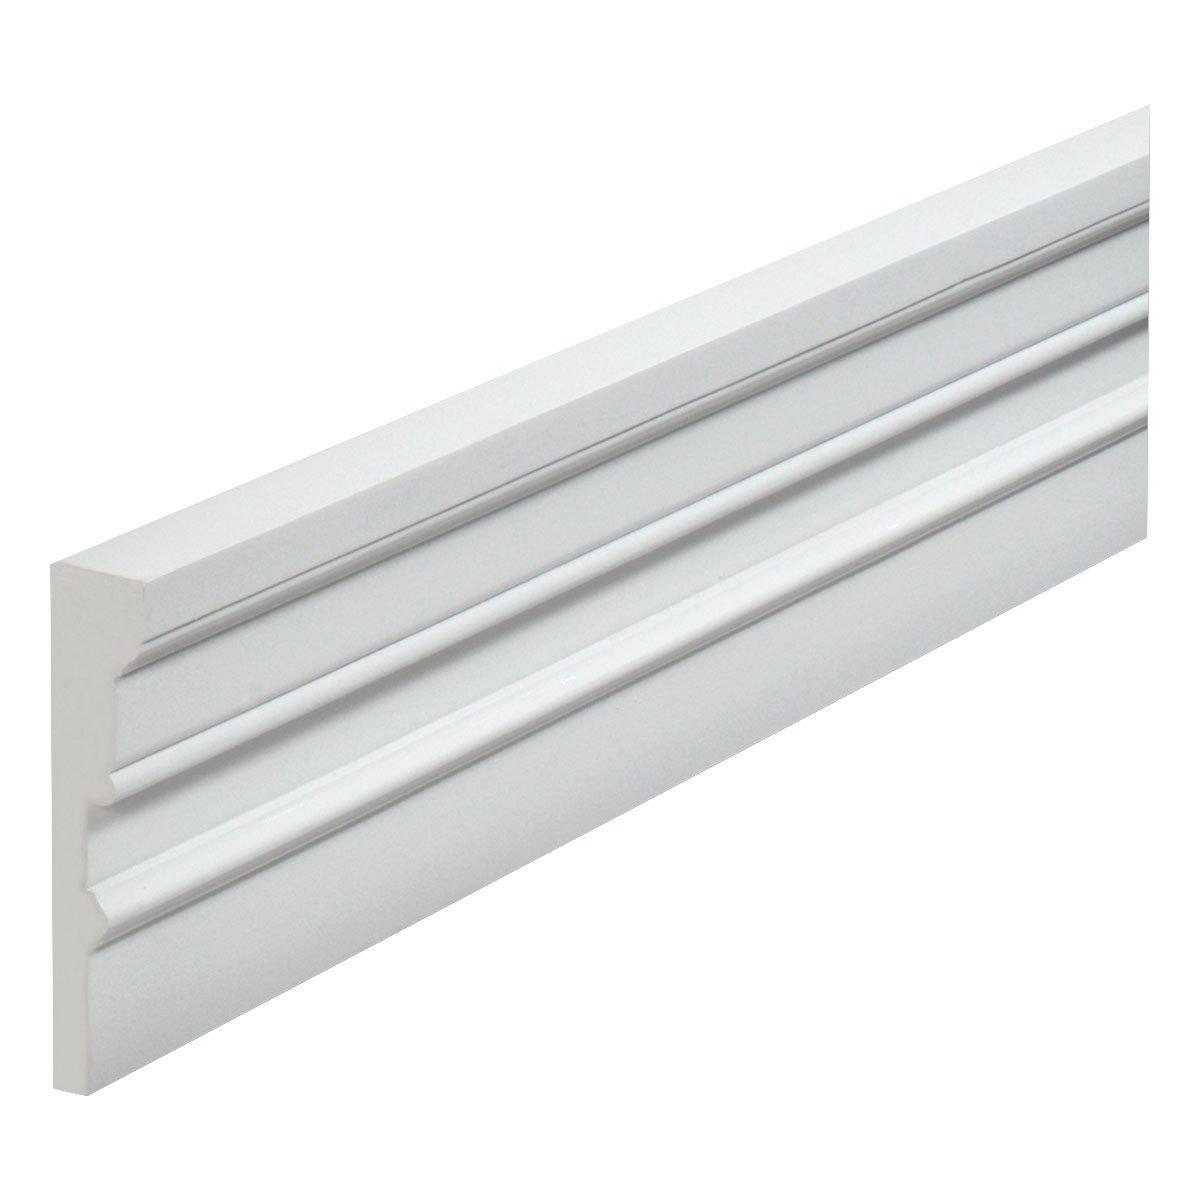 7''W x 1 3/4''P, 16' Length, Door/Window Moulding